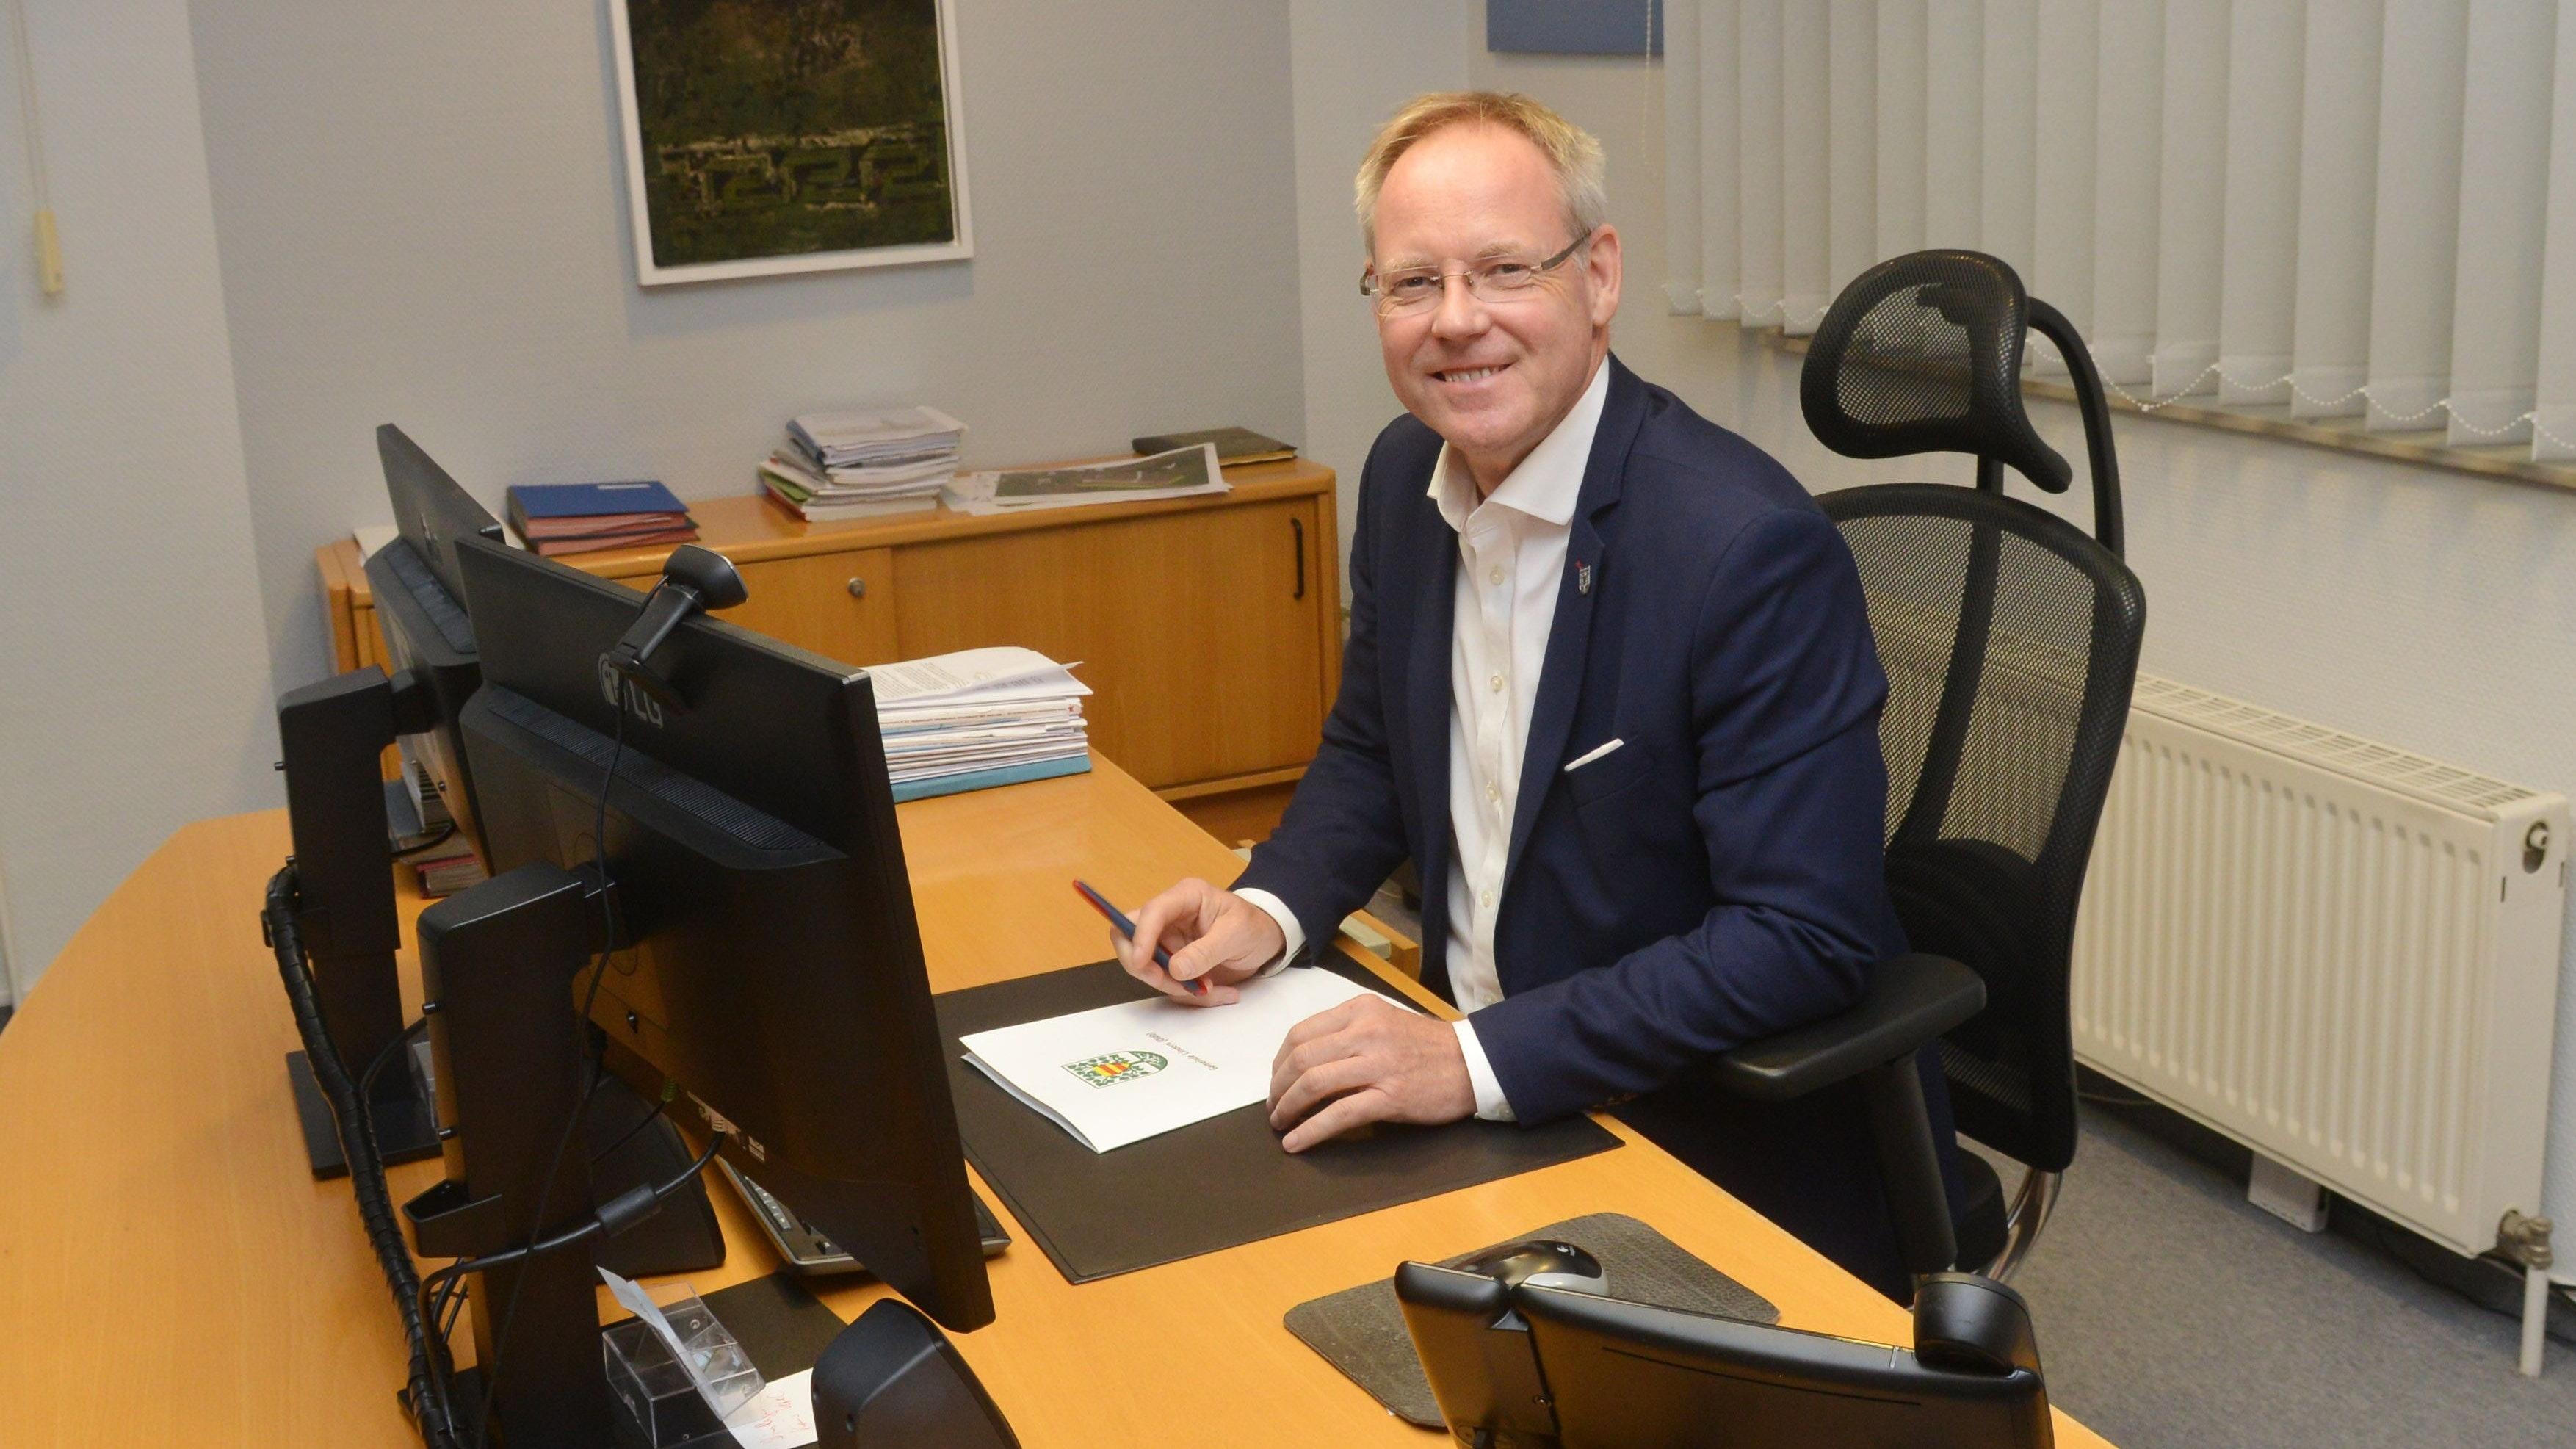 Will seine Arbeit in Lindern fortsetzen: Karsten Hage stellt sich am 12. September zur Wiederwahl. Foto: Siemer